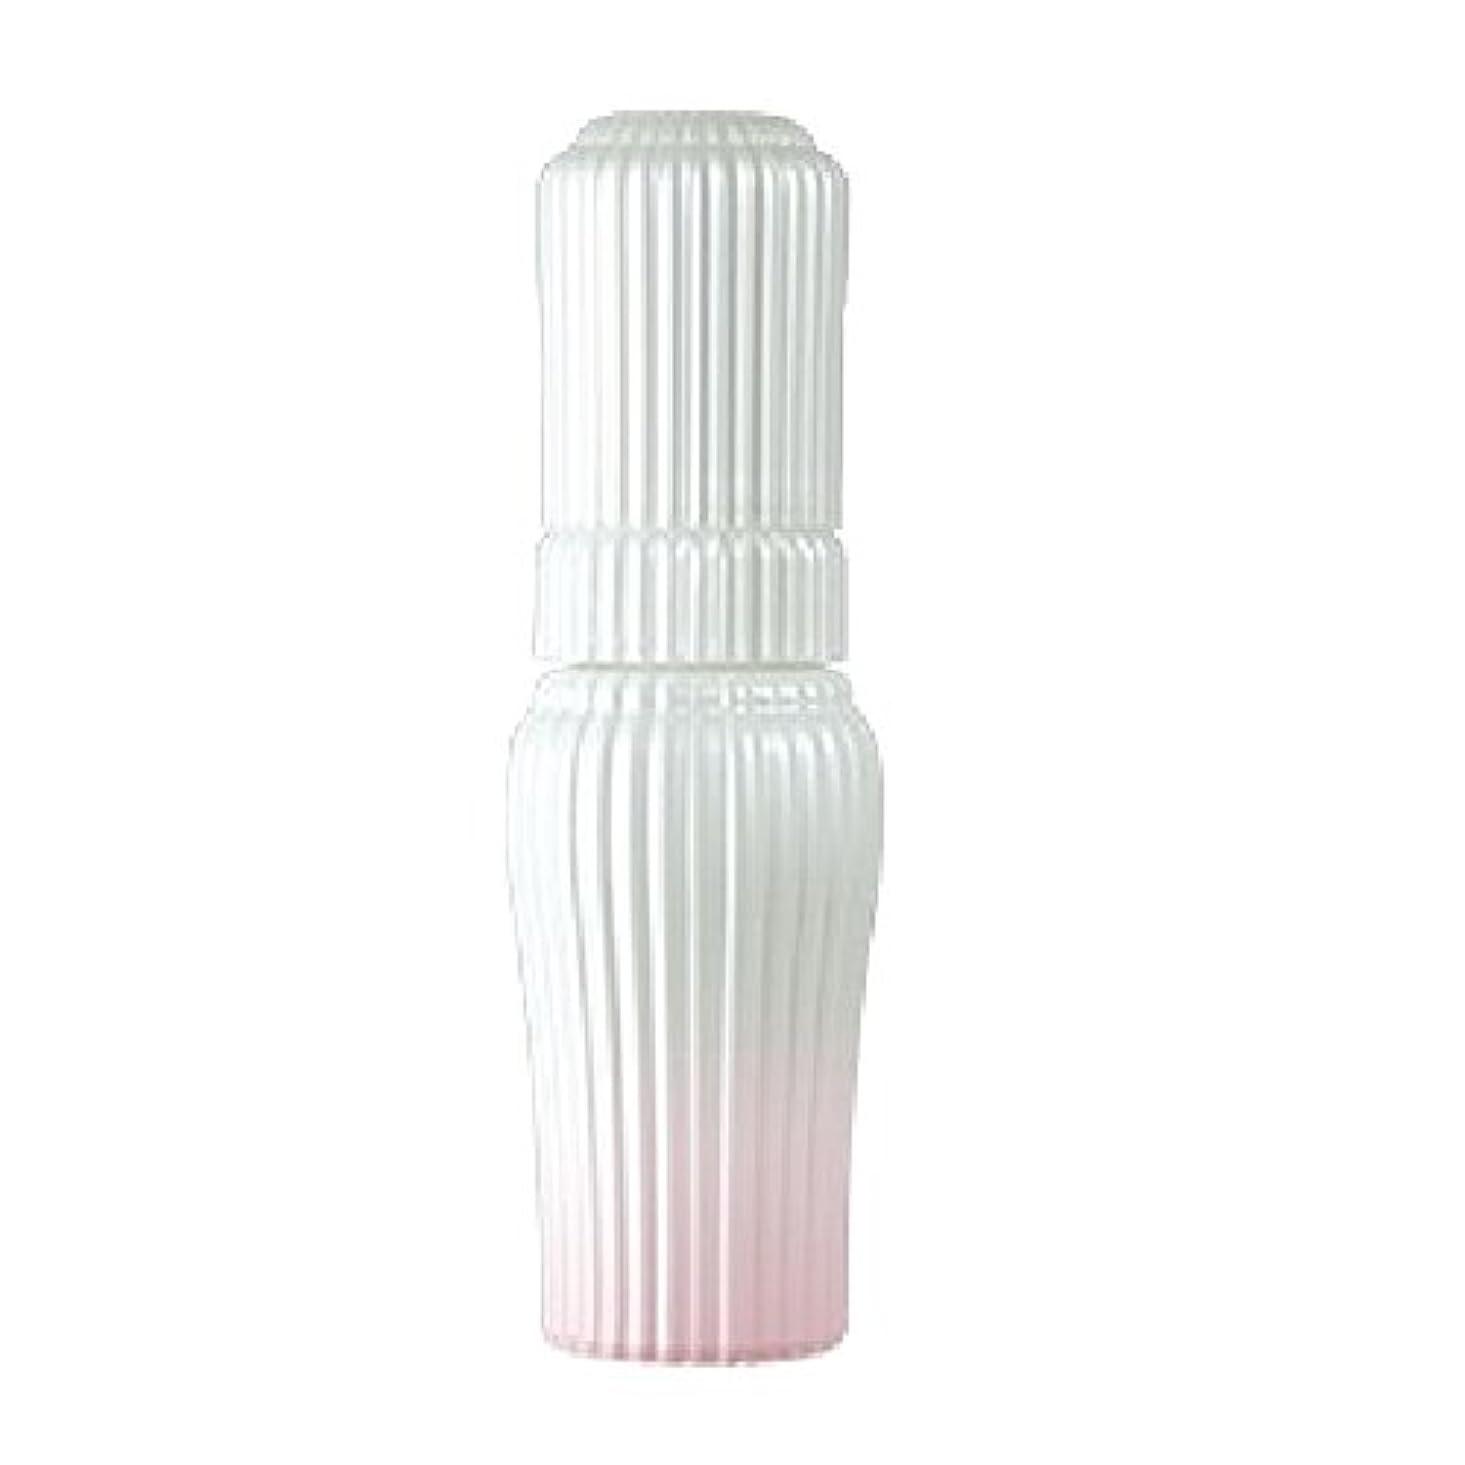 軽蔑する判読できない含めるアユーラ (AYURA) fサインディフェンス ホワイトニングセラム(医薬部外品) 40mL 〈敏感肌用 美白 美容液〉 薬用美白液